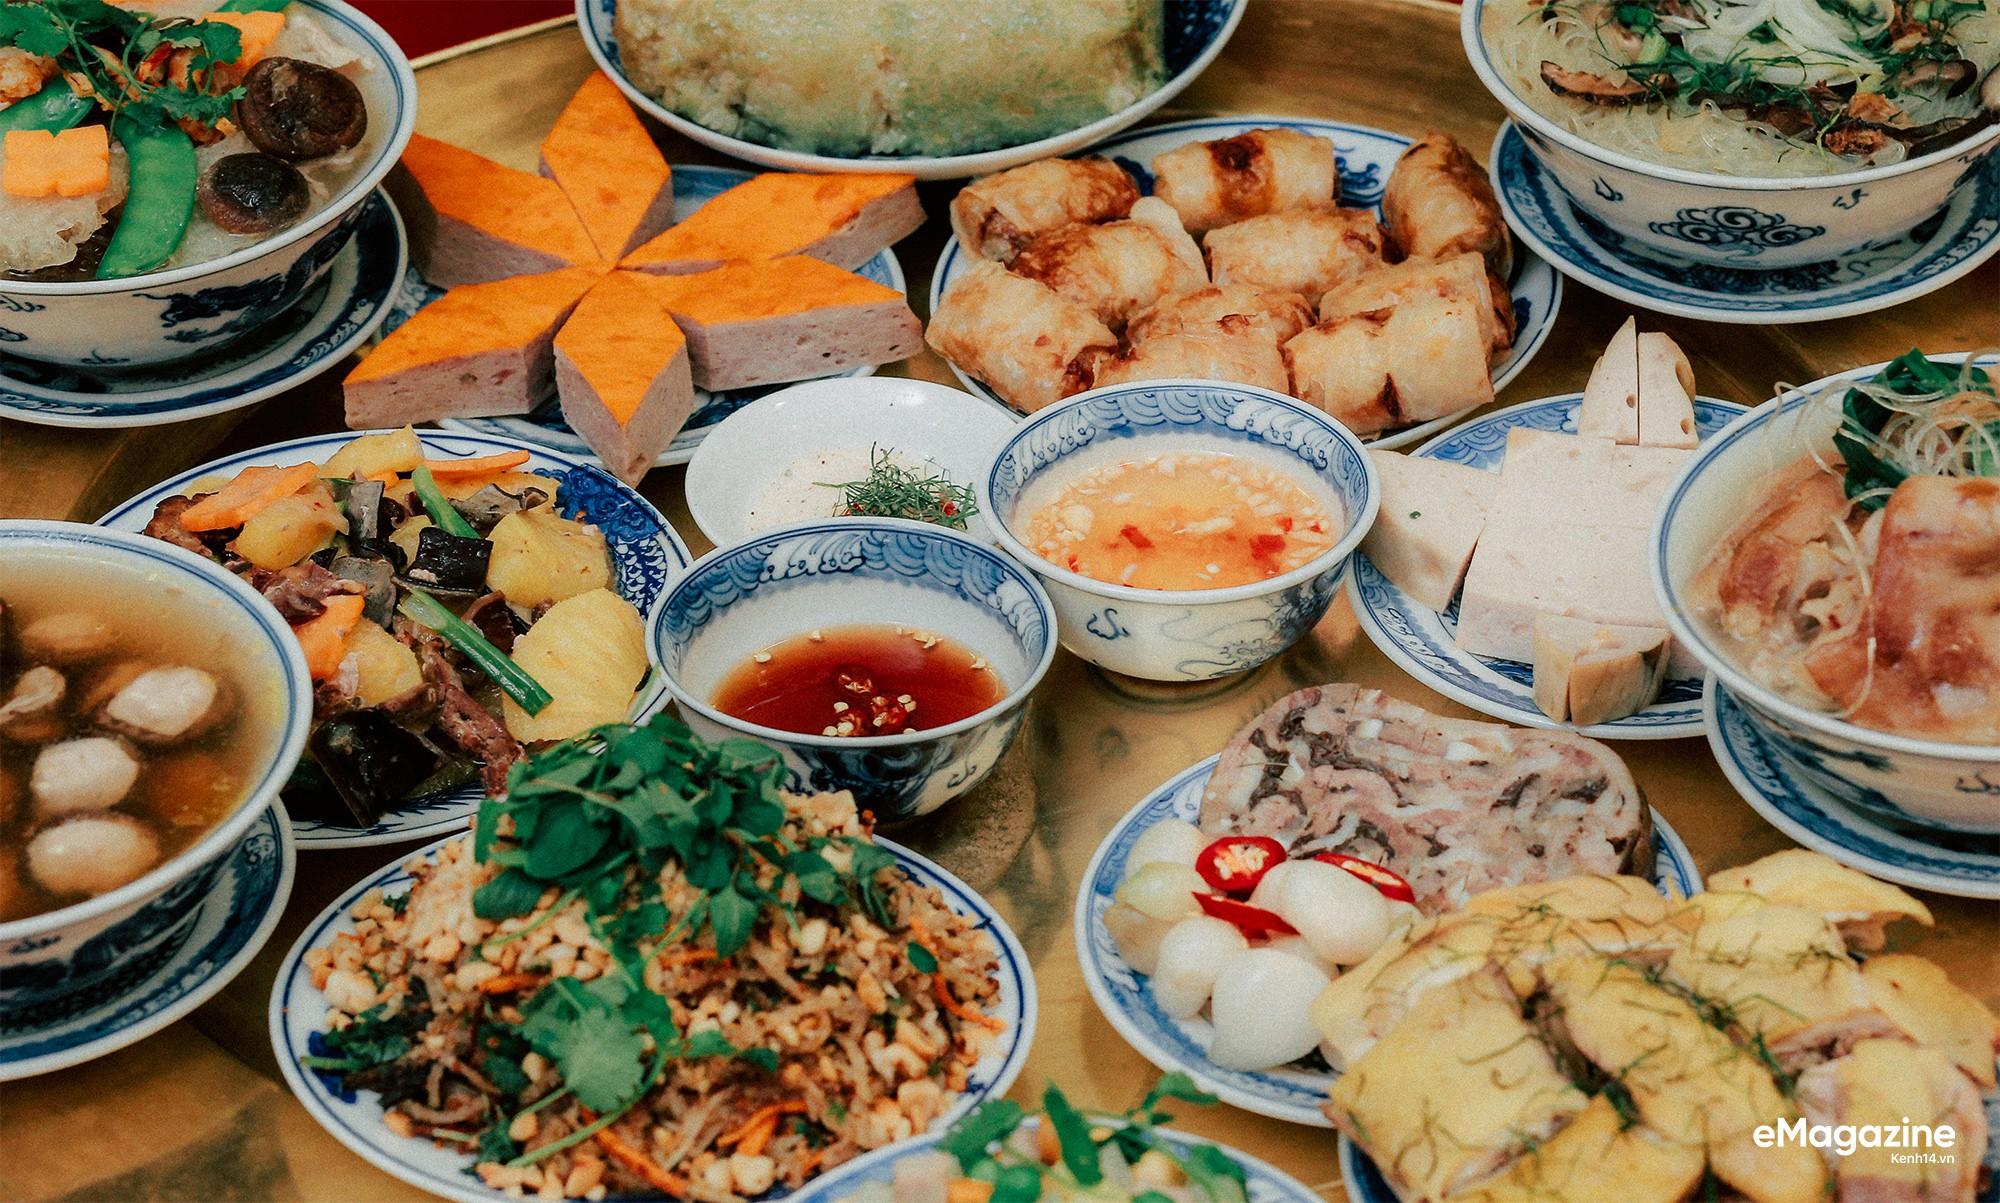 Chuyện nghệ nhân ẩm thực đãi tiệc 21 nguyên thủ quốc gia APEC bằng tinh tuý món ăn Việt Nam - Ảnh 7.